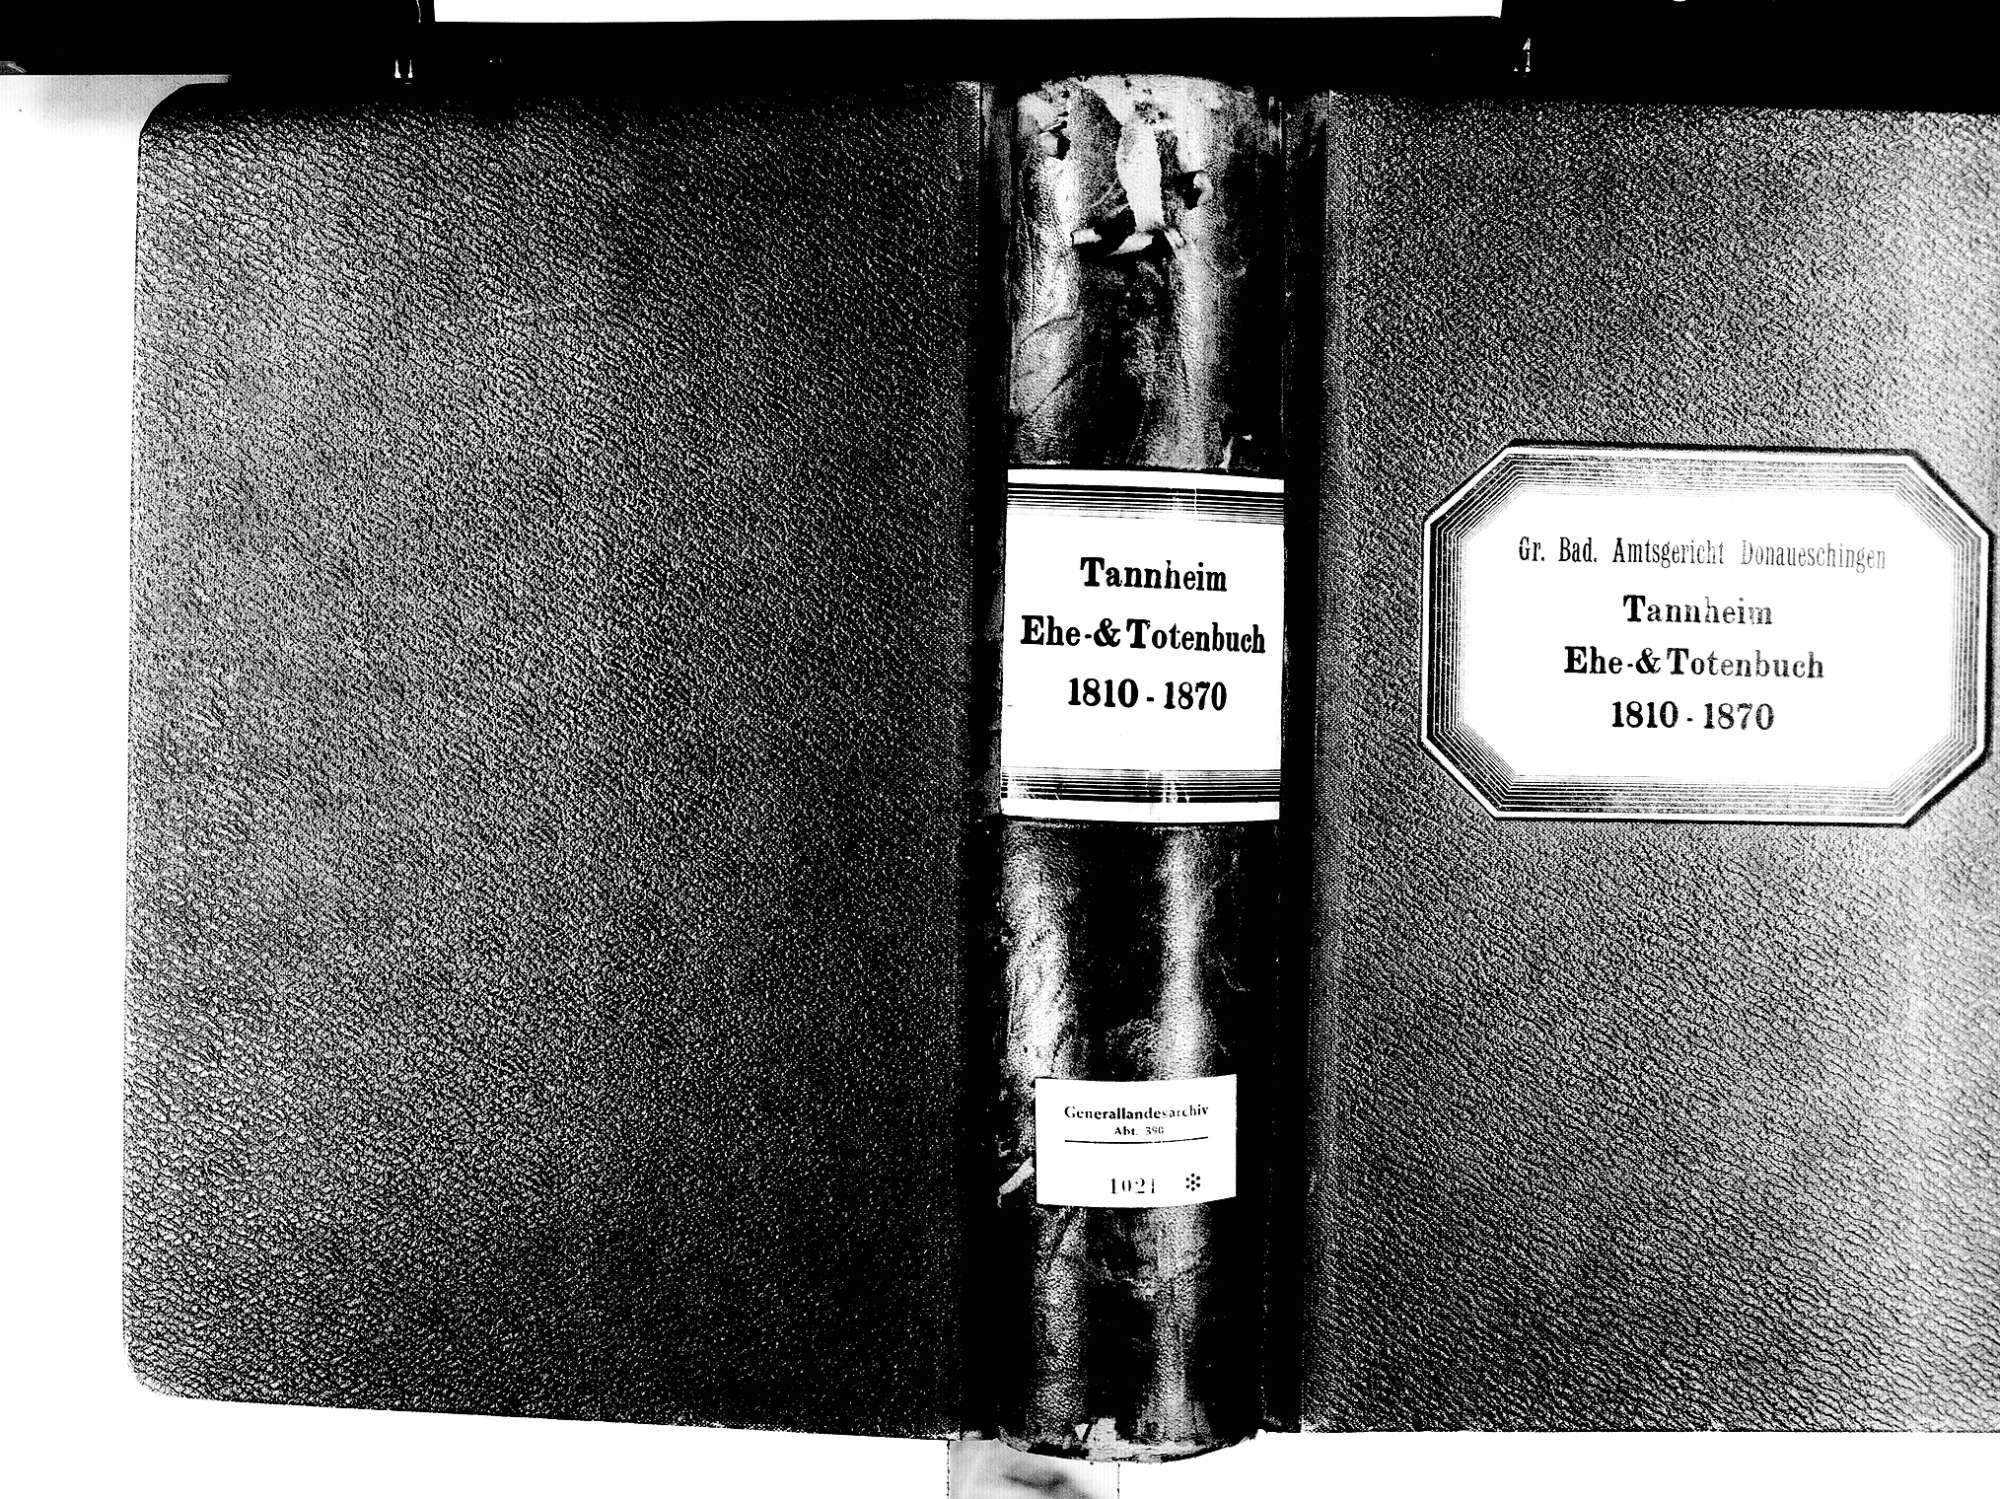 Tannheim, Villingen-Schwenningen VS; Katholische Gemeinde: Heiratsbuch 1810-1870 Tannheim, Villingen-Schwenningen VS; Katholische Gemeinde: Sterbebuch 1810-1870, Bild 1